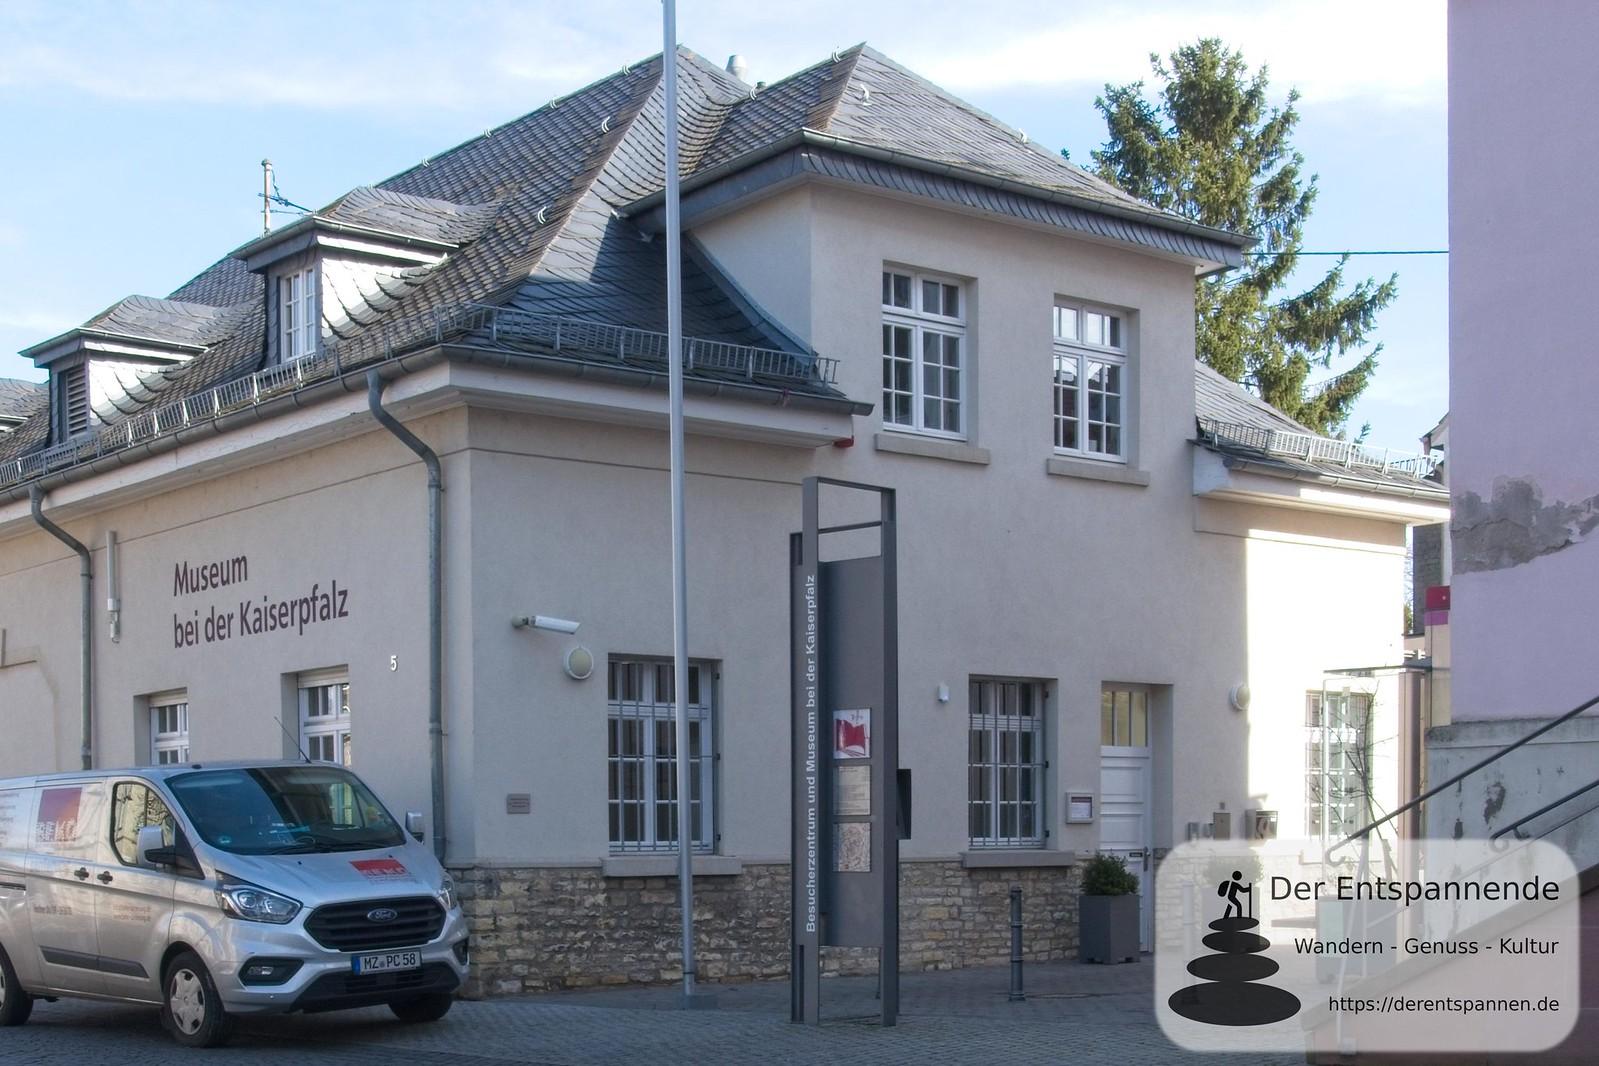 Museum bei der Kaiserpfalz